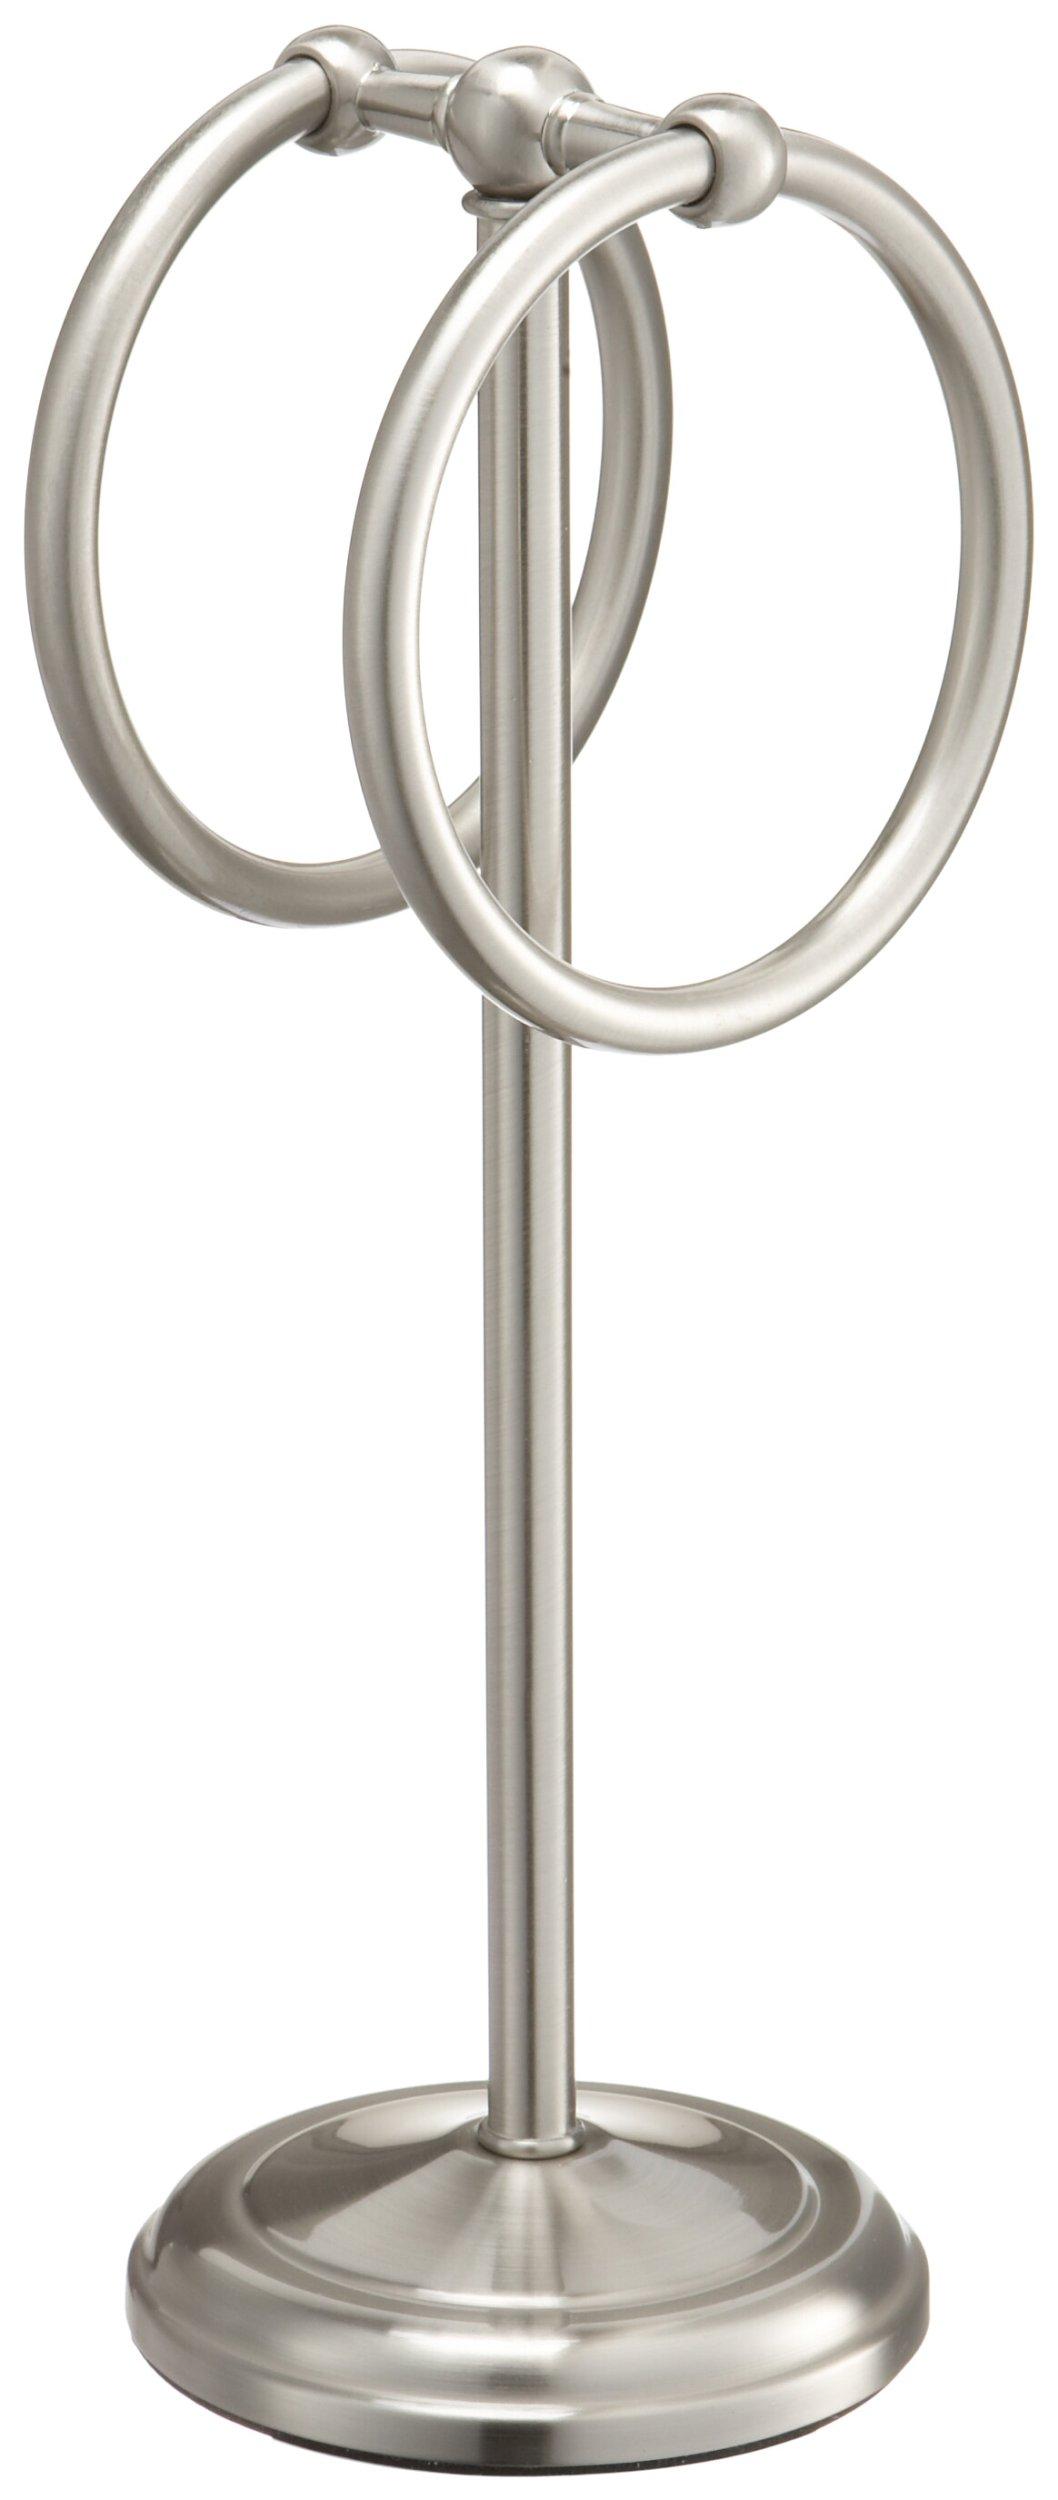 Taymor 02-D8584SN Pedestal Fingertip Towel Rings, Satin Nickel